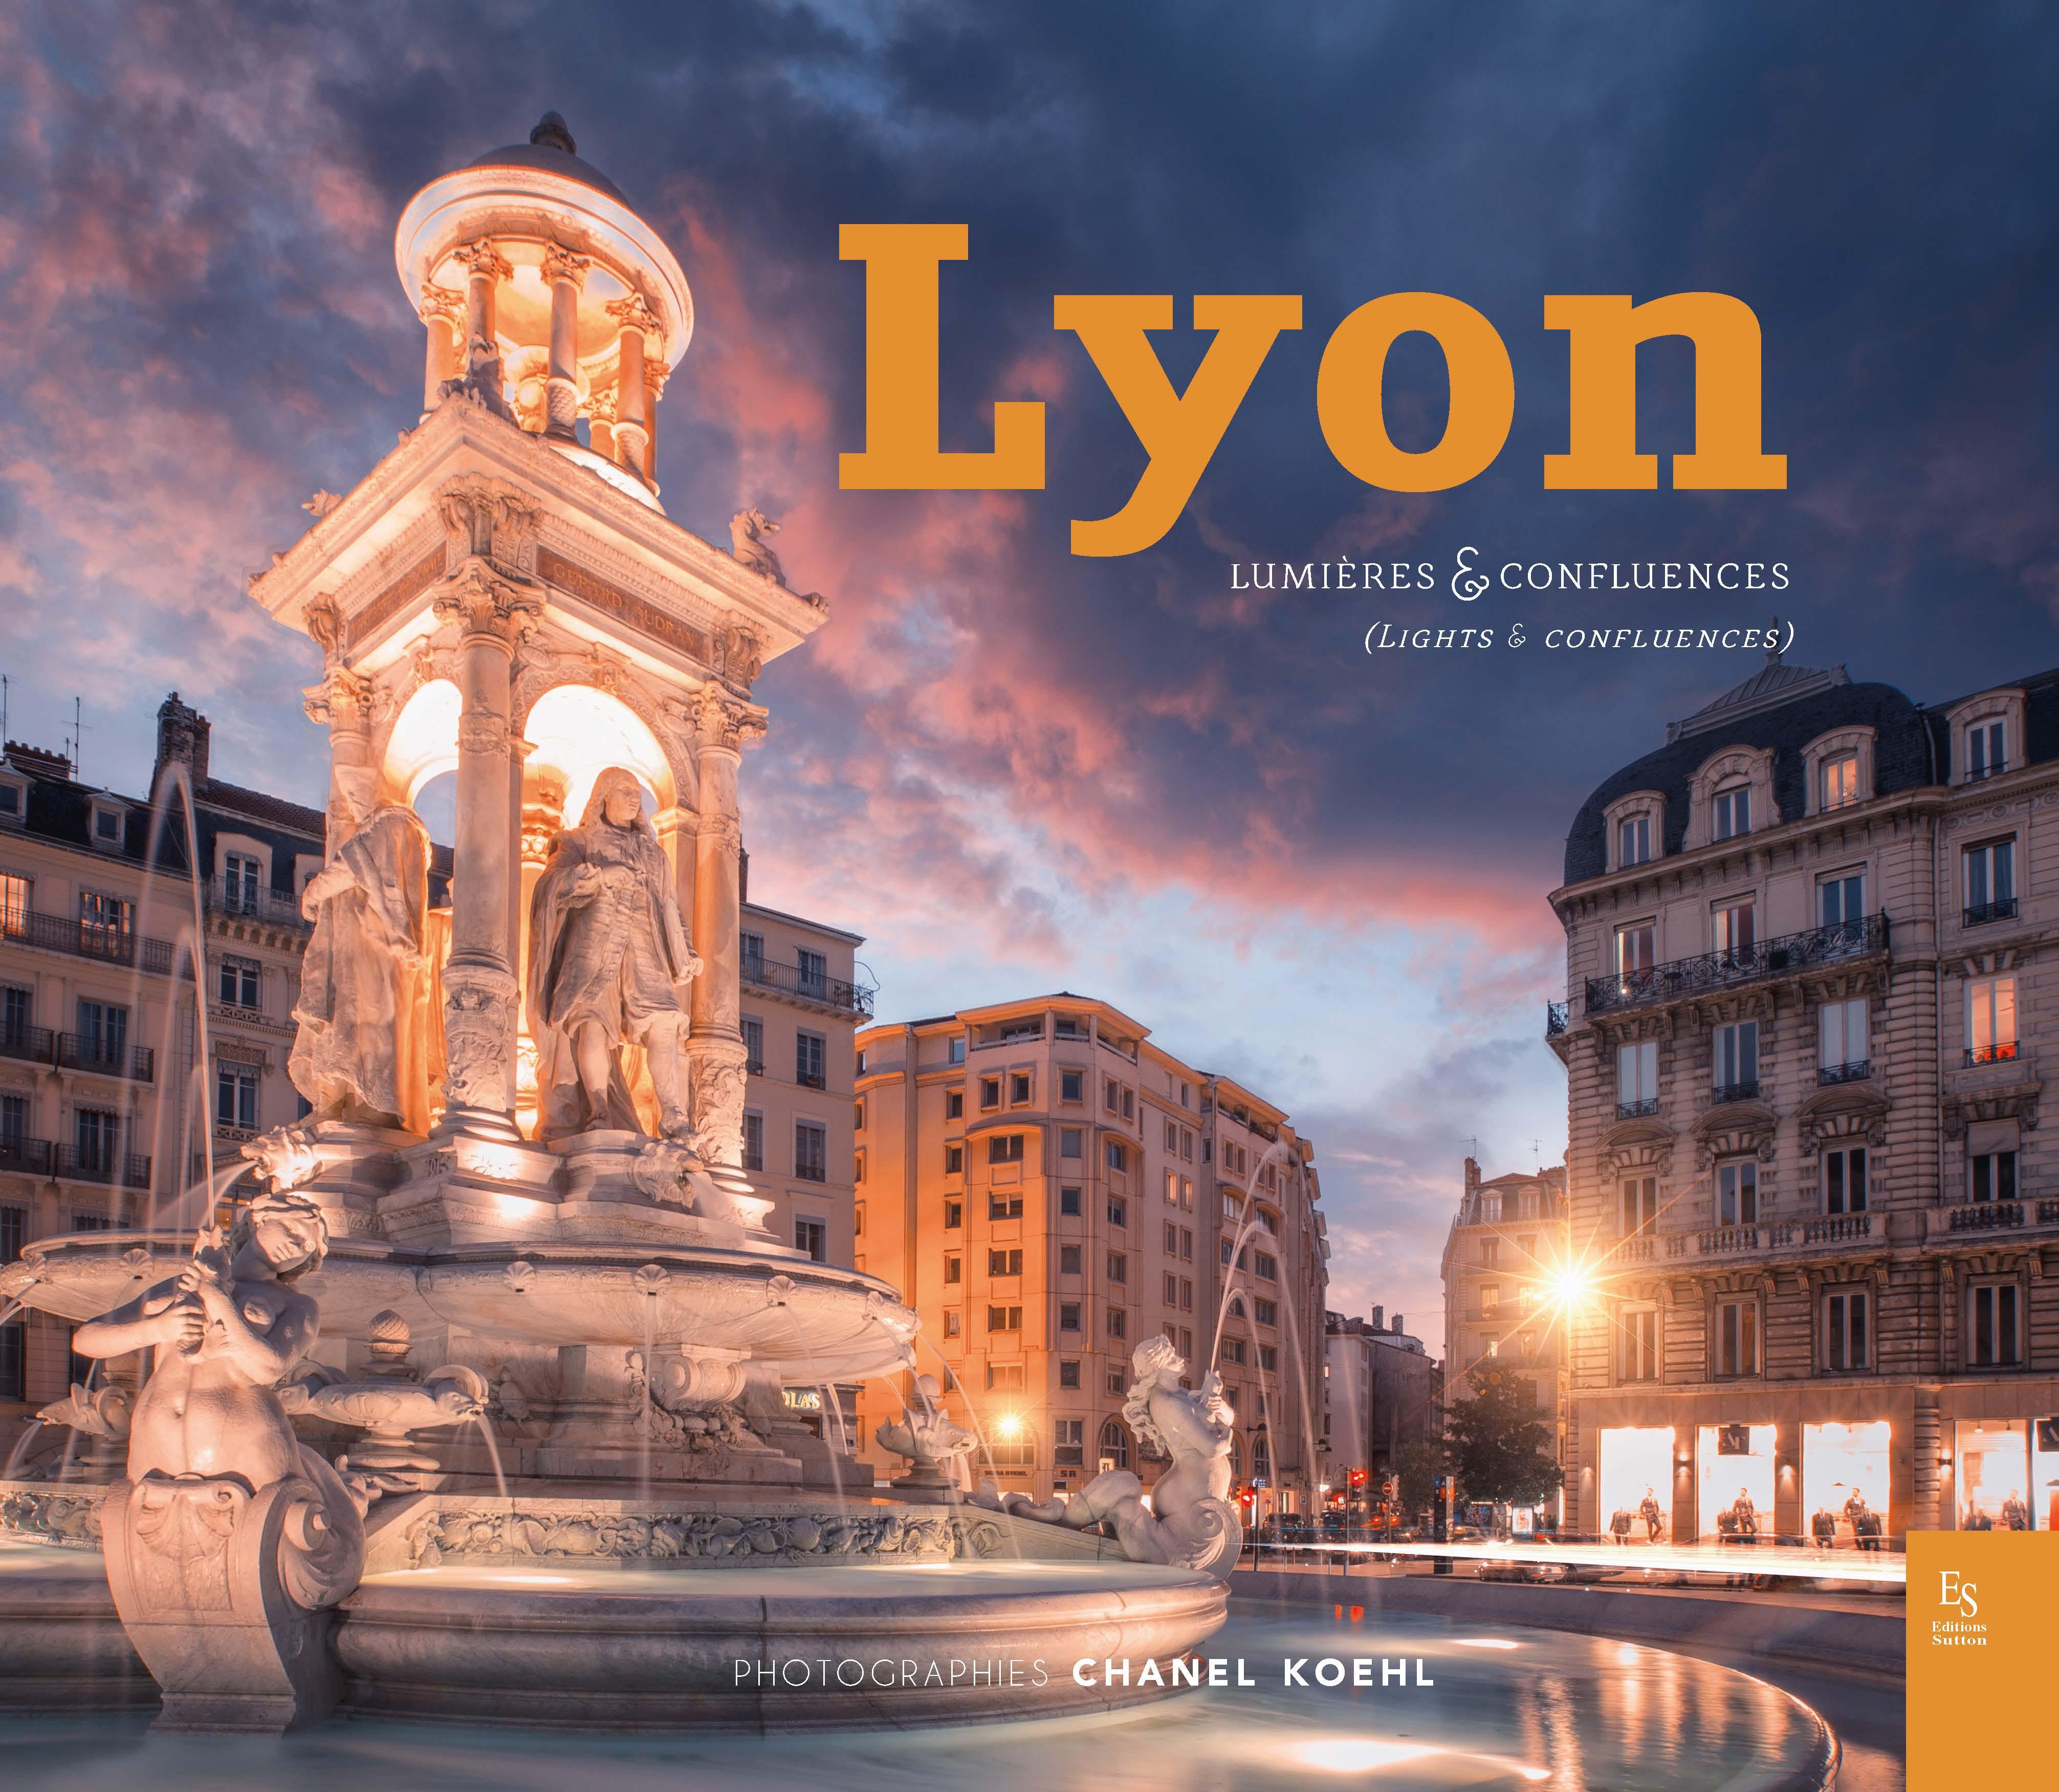 Lyon Lumieres Et Confluences Chanel Koehl Et Pierre Clery Livre Ebook Epub